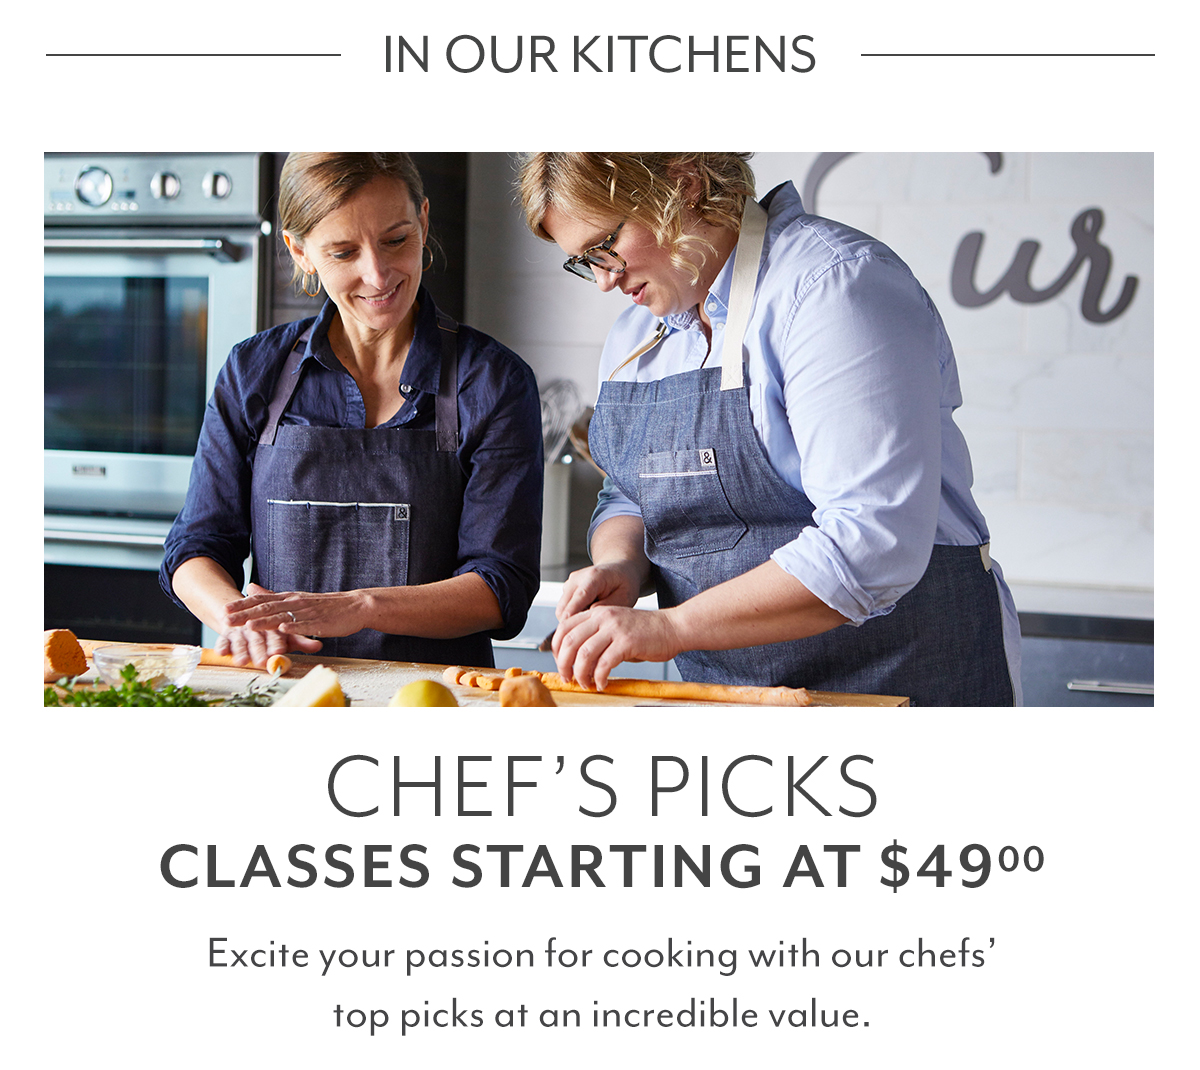 Chef's Picks Classes